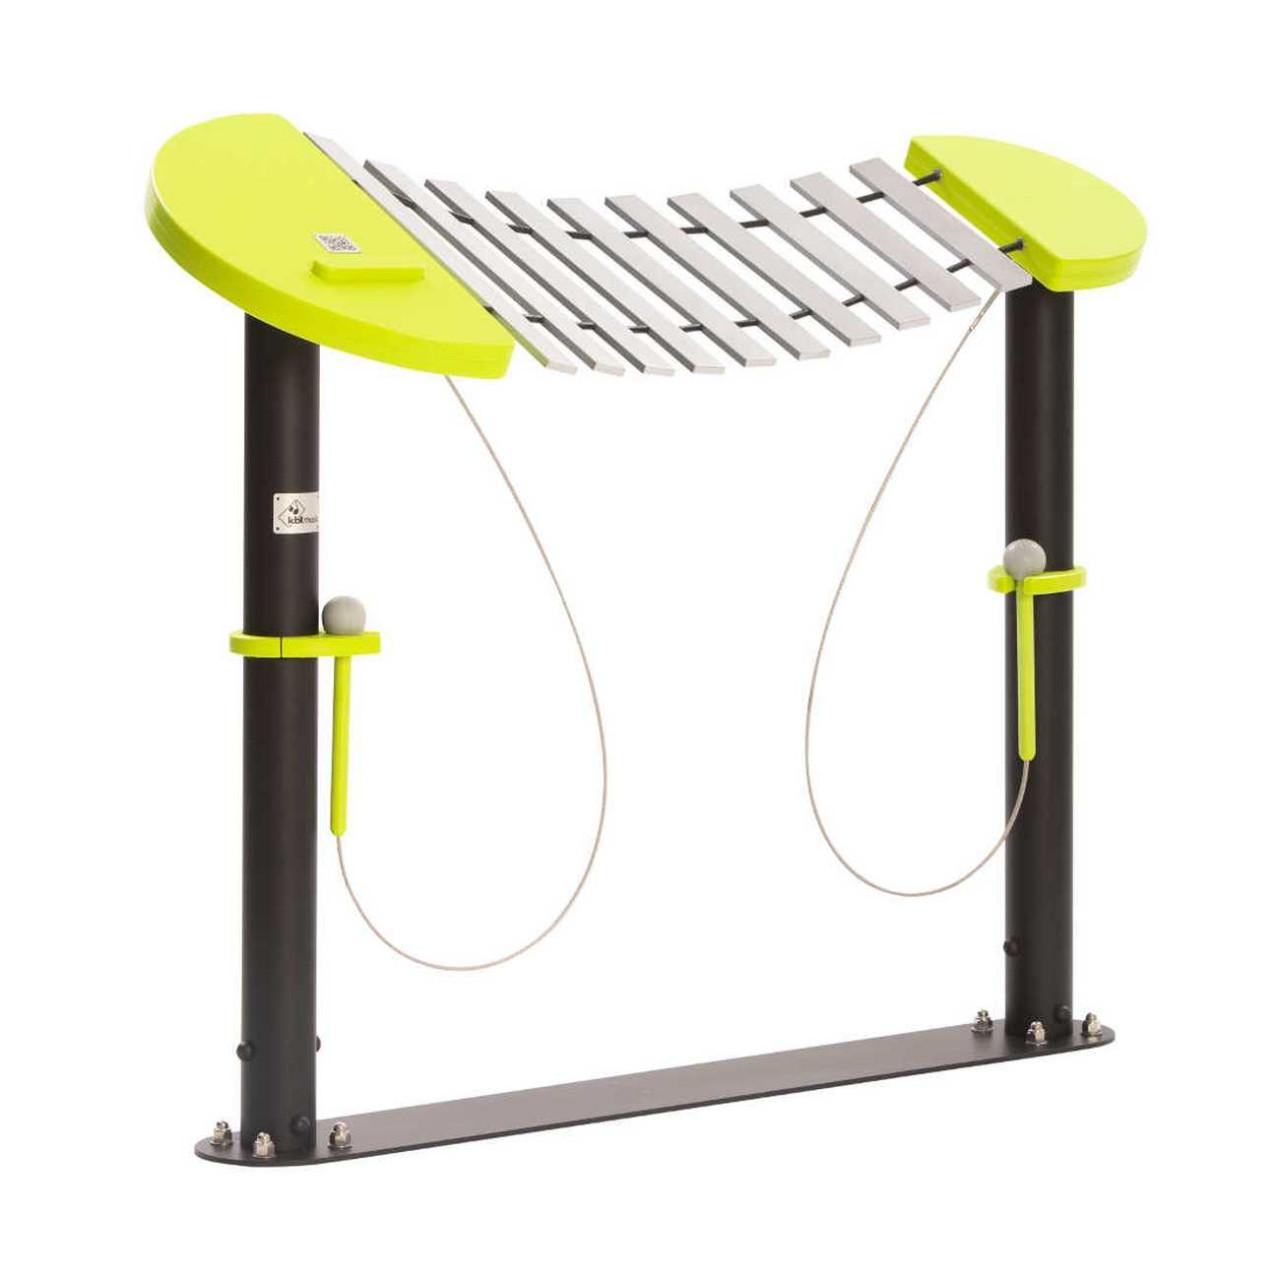 Xylophon Wind Piano, Outdoor Musikinstrument, für Spielplätze und Parkanlagen